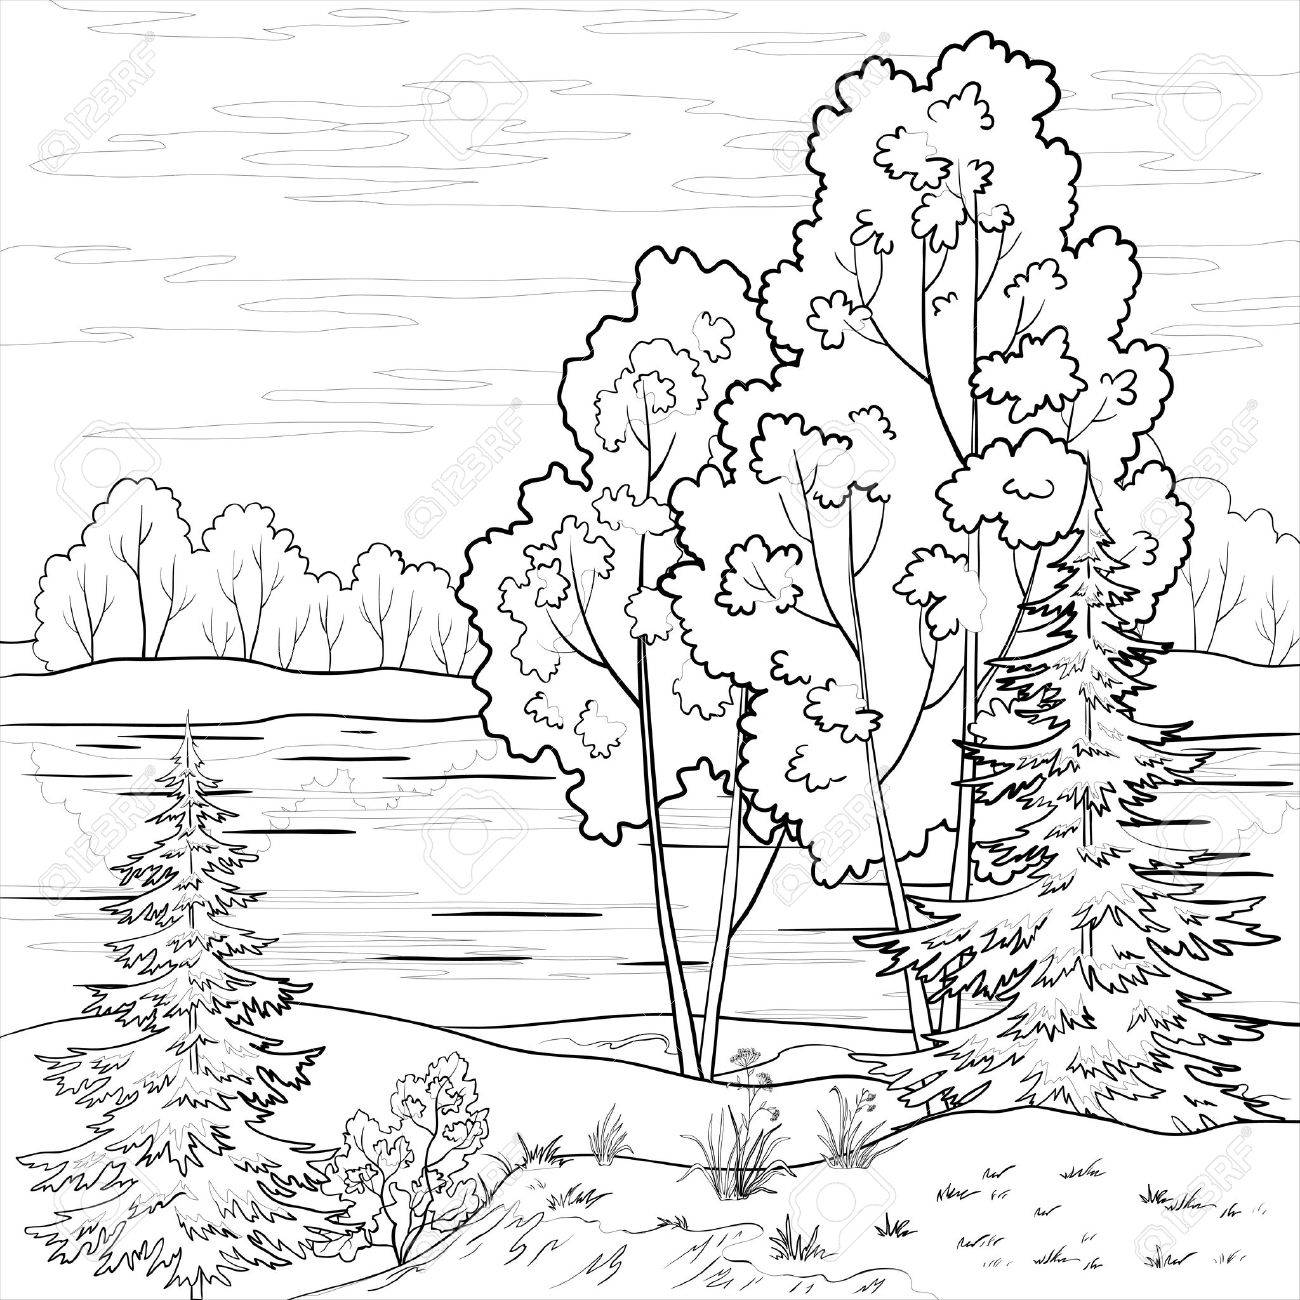 Пейзаж в черно-белой графике